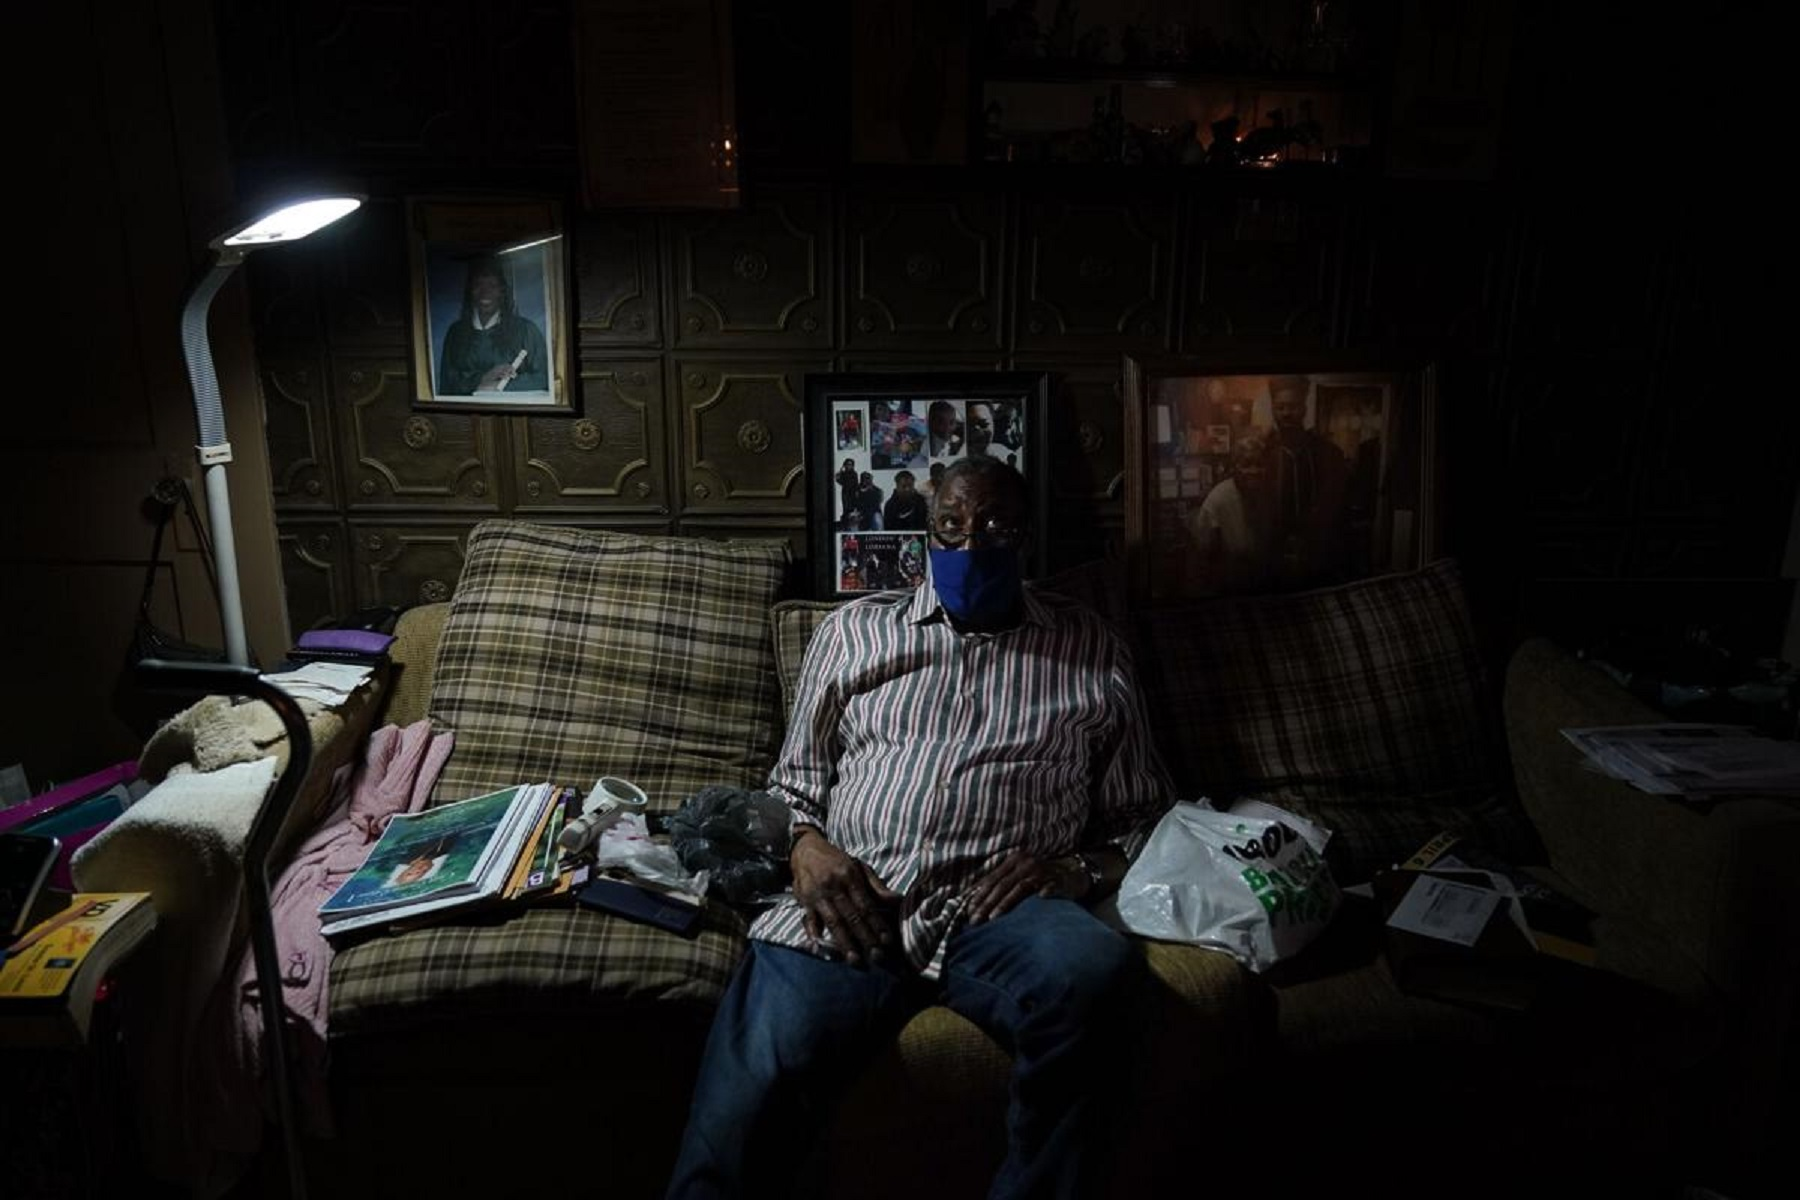 Πανδημία ΗΠΑ: Οι θάνατοι από υπερβολική δόση ναρκωτικών αυξάνονται στους Μαύρους Αμερικανούς